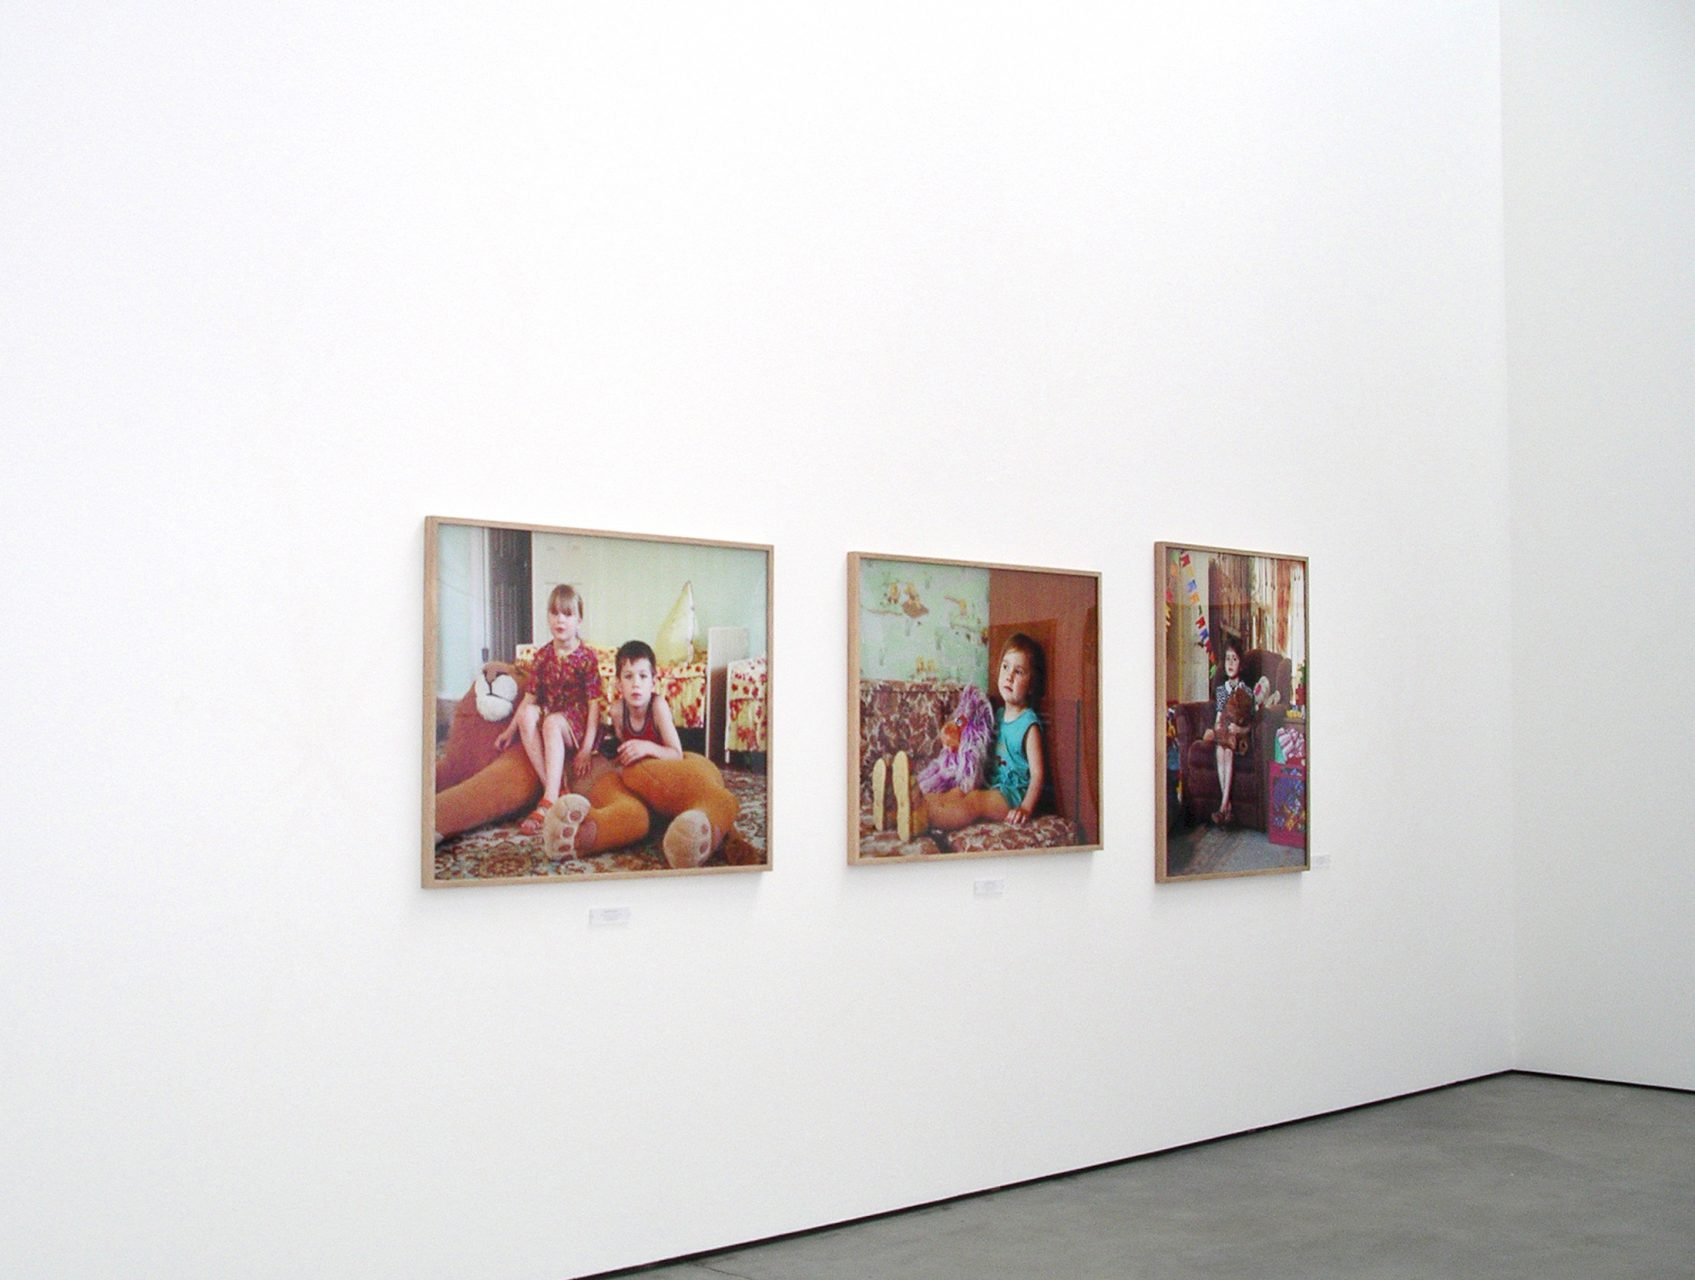 Anastasia Khoroshilova,Islanders 2003-2006, Kunsthalle Lingen, Lingen, 2007